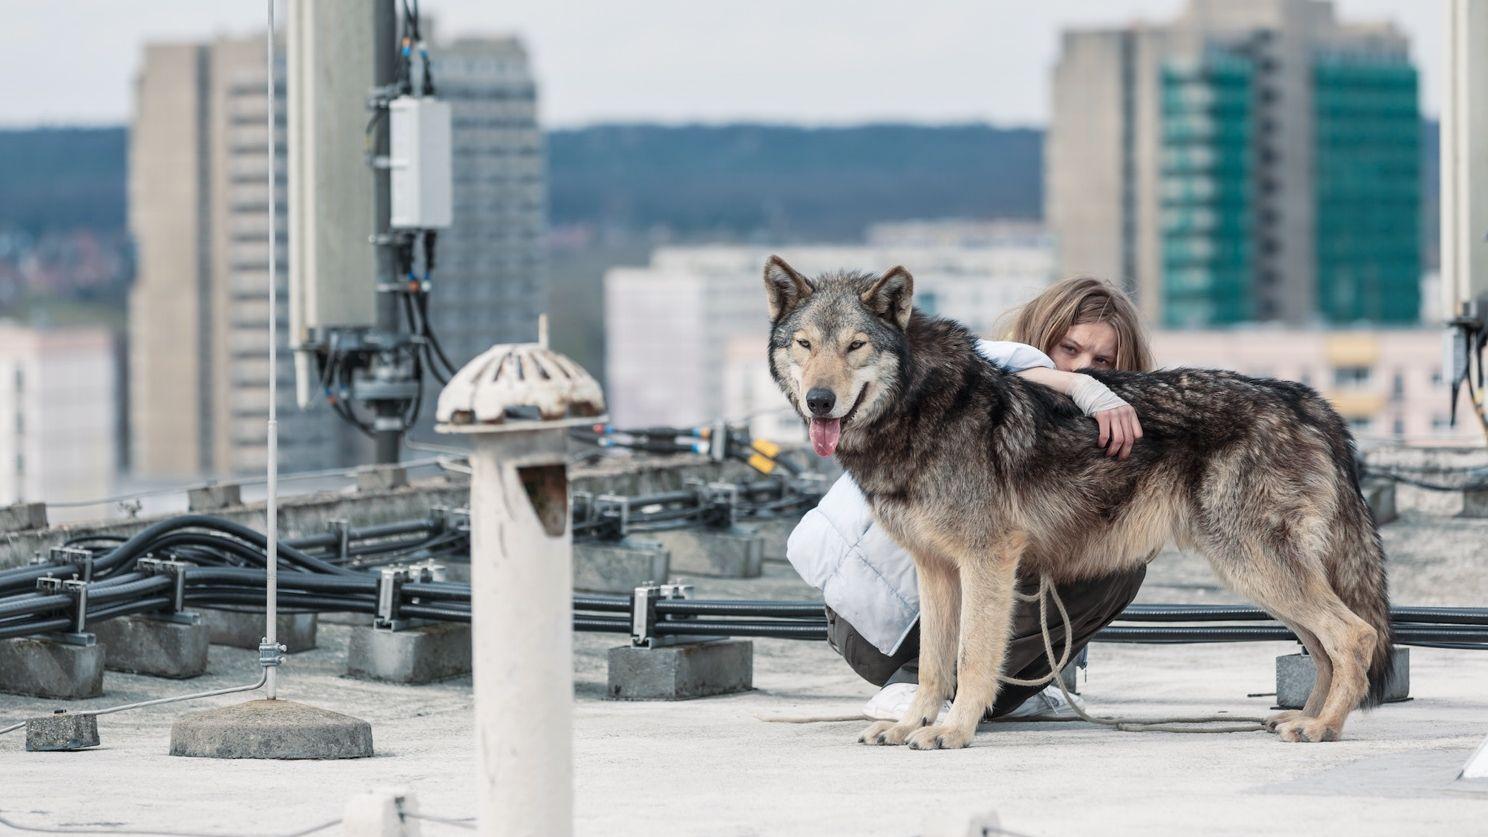 Frau wird Wolf, Wolf wird Frau: «Wild» zeigt eine eindringliche Umkehrung.